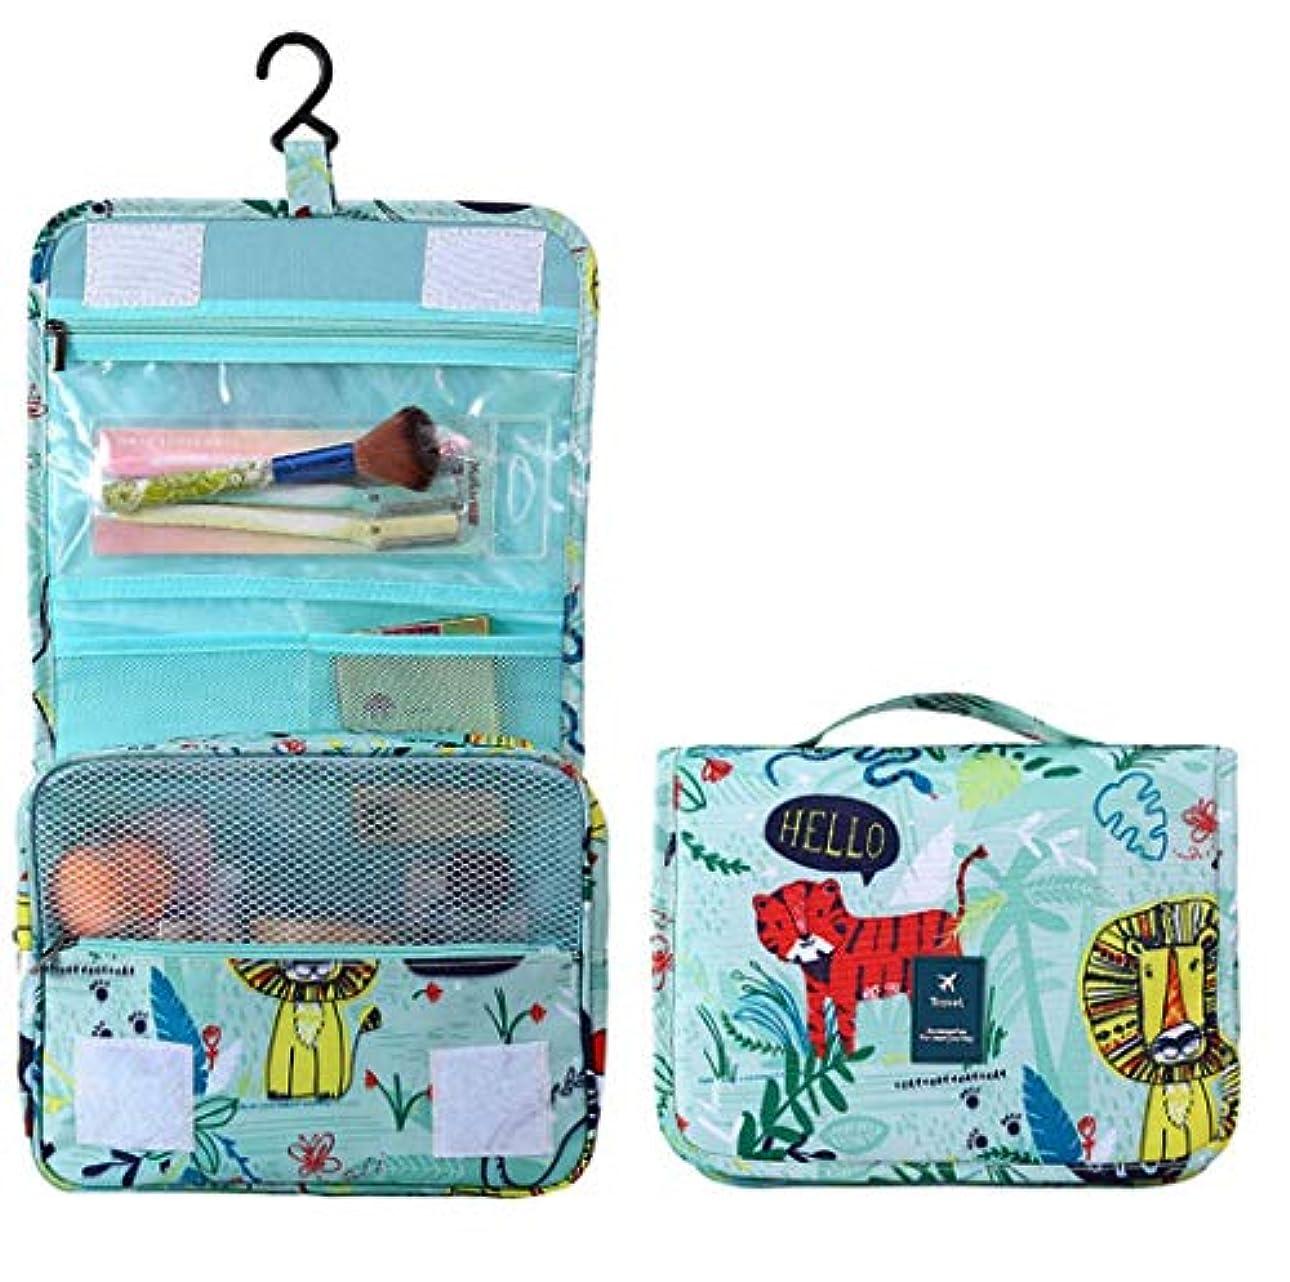 くちばしこする集める化粧品袋、ウォッシュバッグ、トラベルバッグ、洗顔、収納、浴室収納バッグ、ぶら下げ、小物、収納、パッキングバッグ、旅行、海外、旅行用品、育児用品